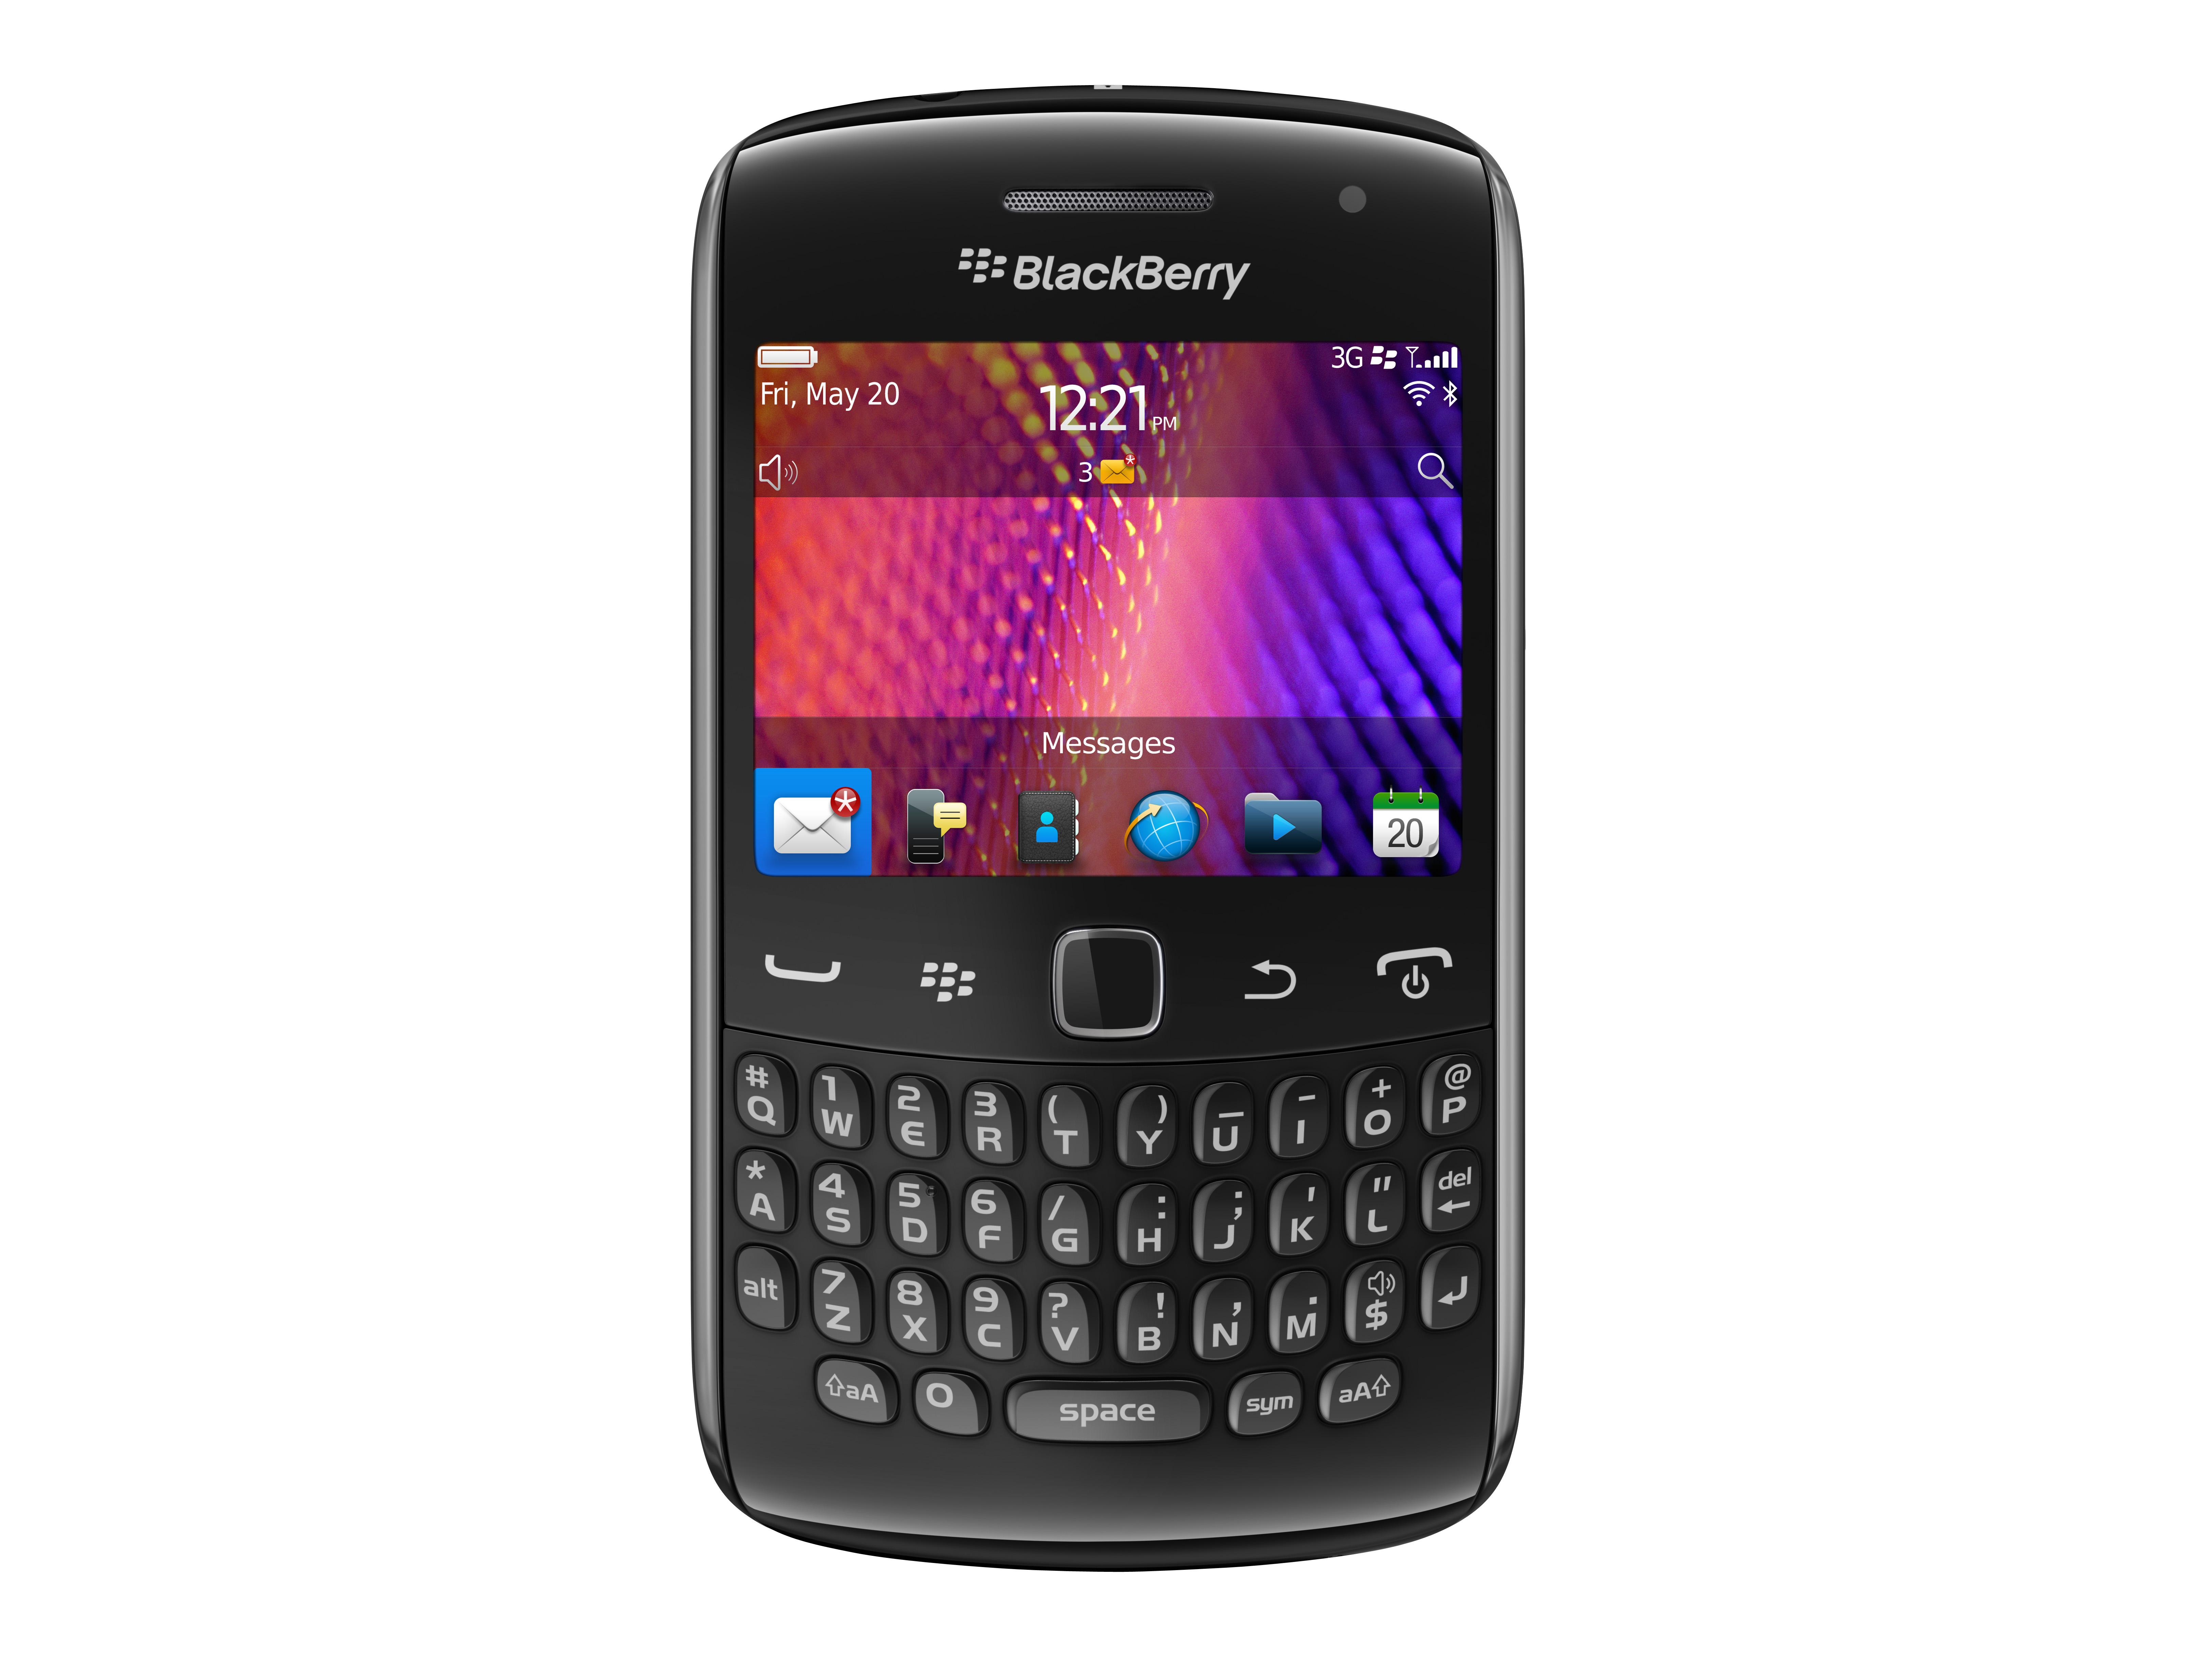 blackberry curve 9360 techradar rh techradar com BlackBerry Torch 9800 AT&T Cell Phones BlackBerry Curve